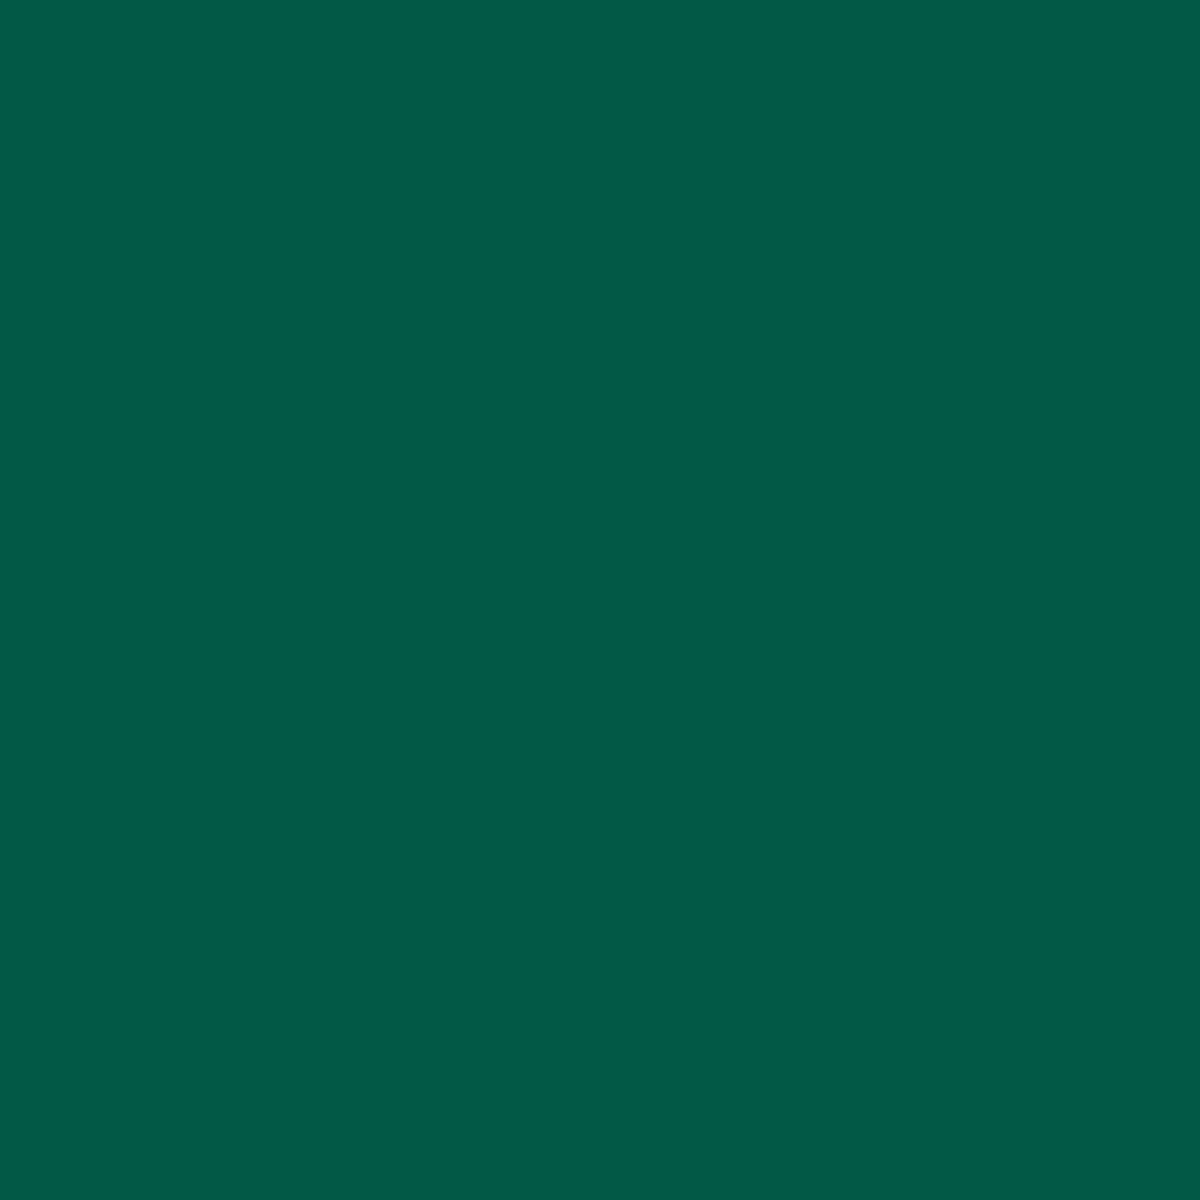 Vopsea lavabilă Chalkboard Calypso Green, Benjamin Moore, 1 litru / cutie